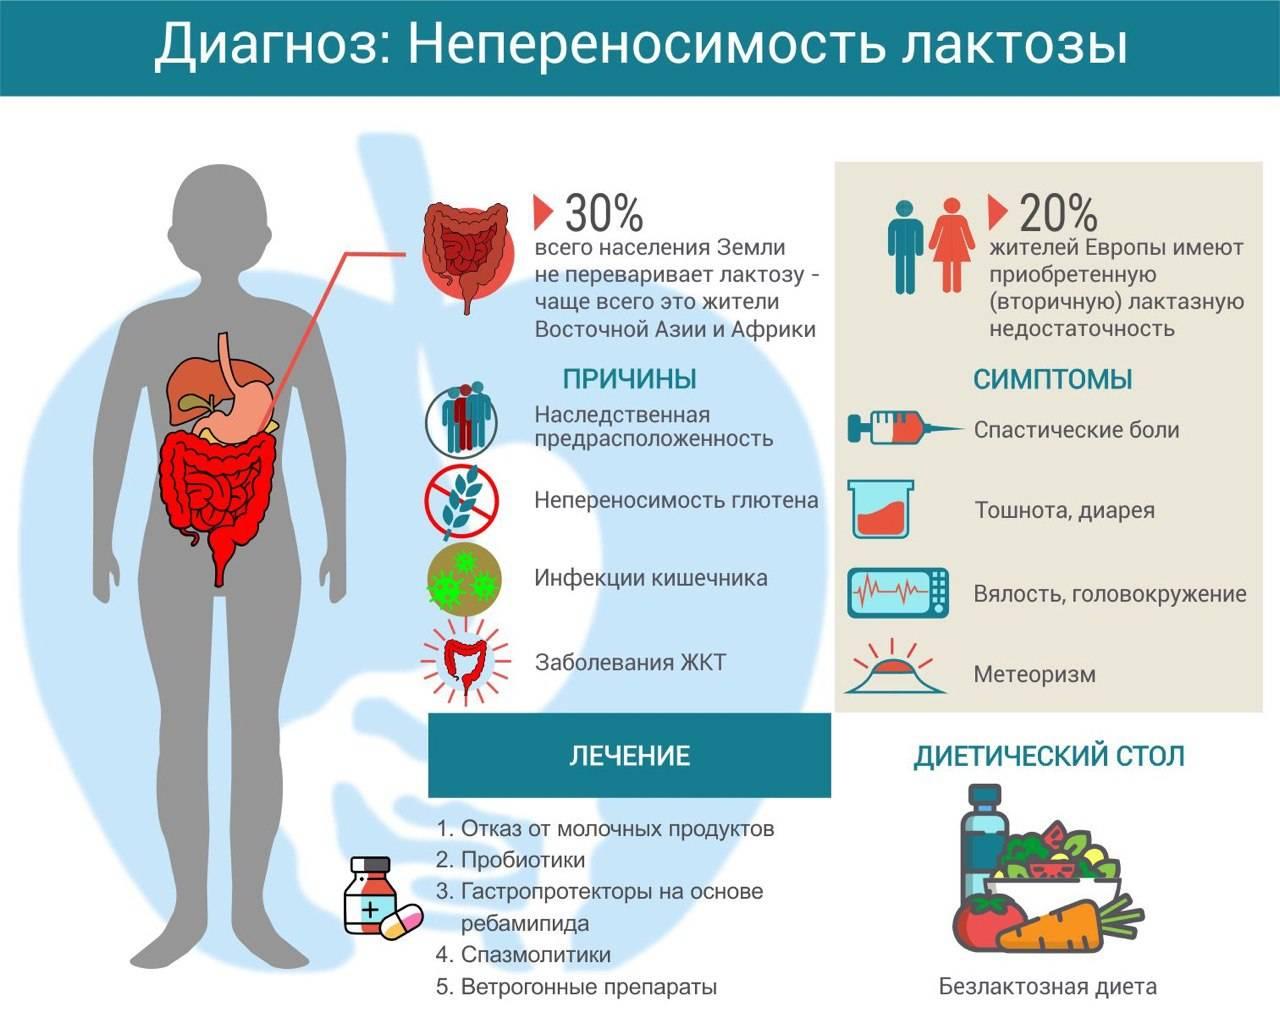 Симптомы непереносимости лактозы